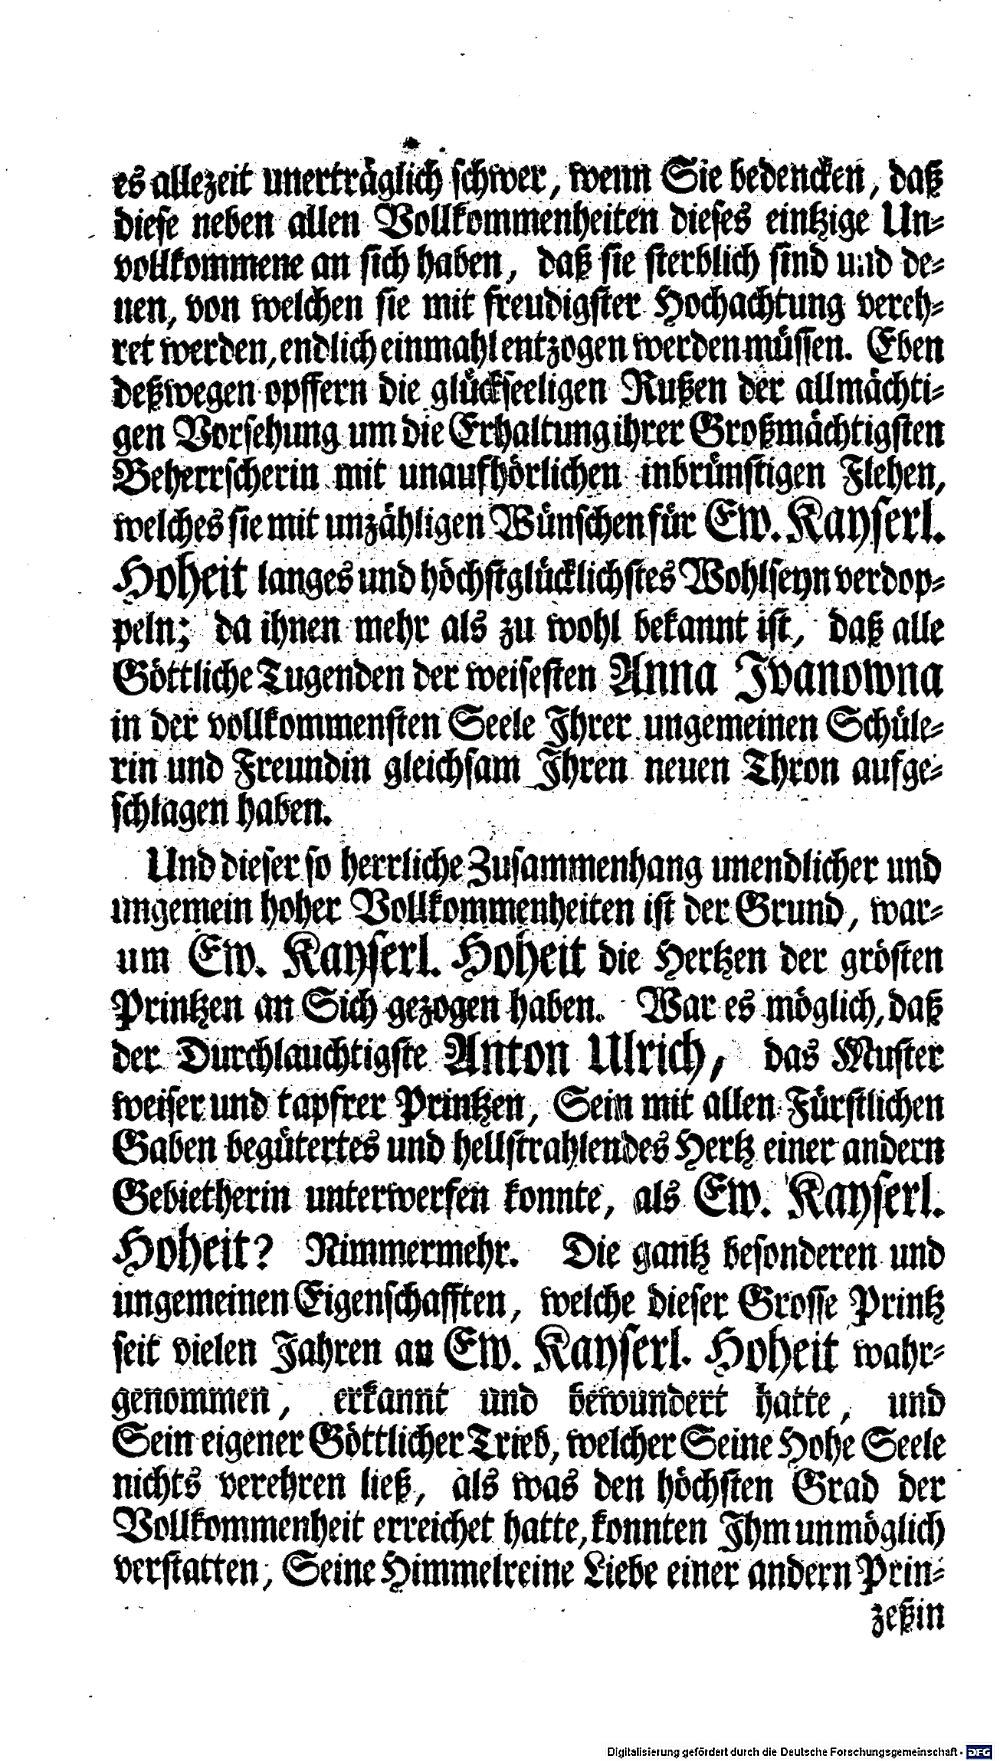 Bd. 21, Seite 0011.